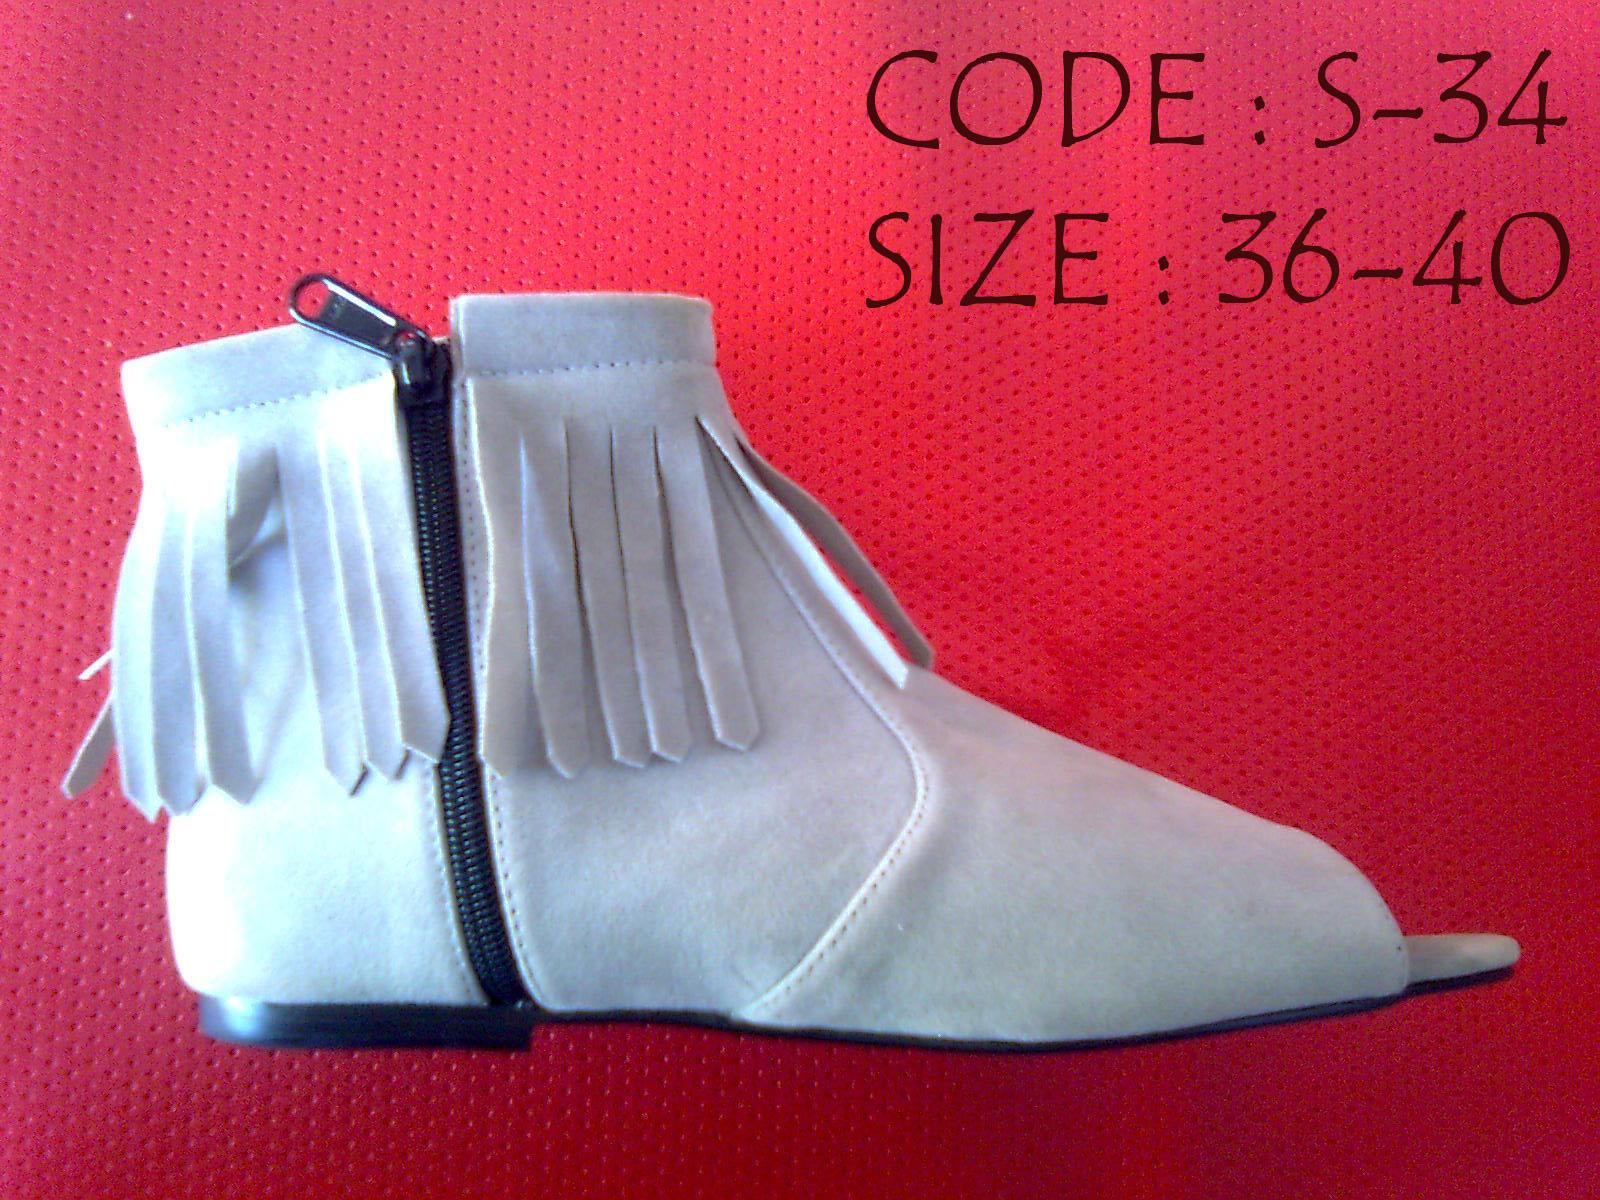 Contoh Negosiasi Jual Beli Sepatu Bekas Diposkan oleh HeruYonk di 03